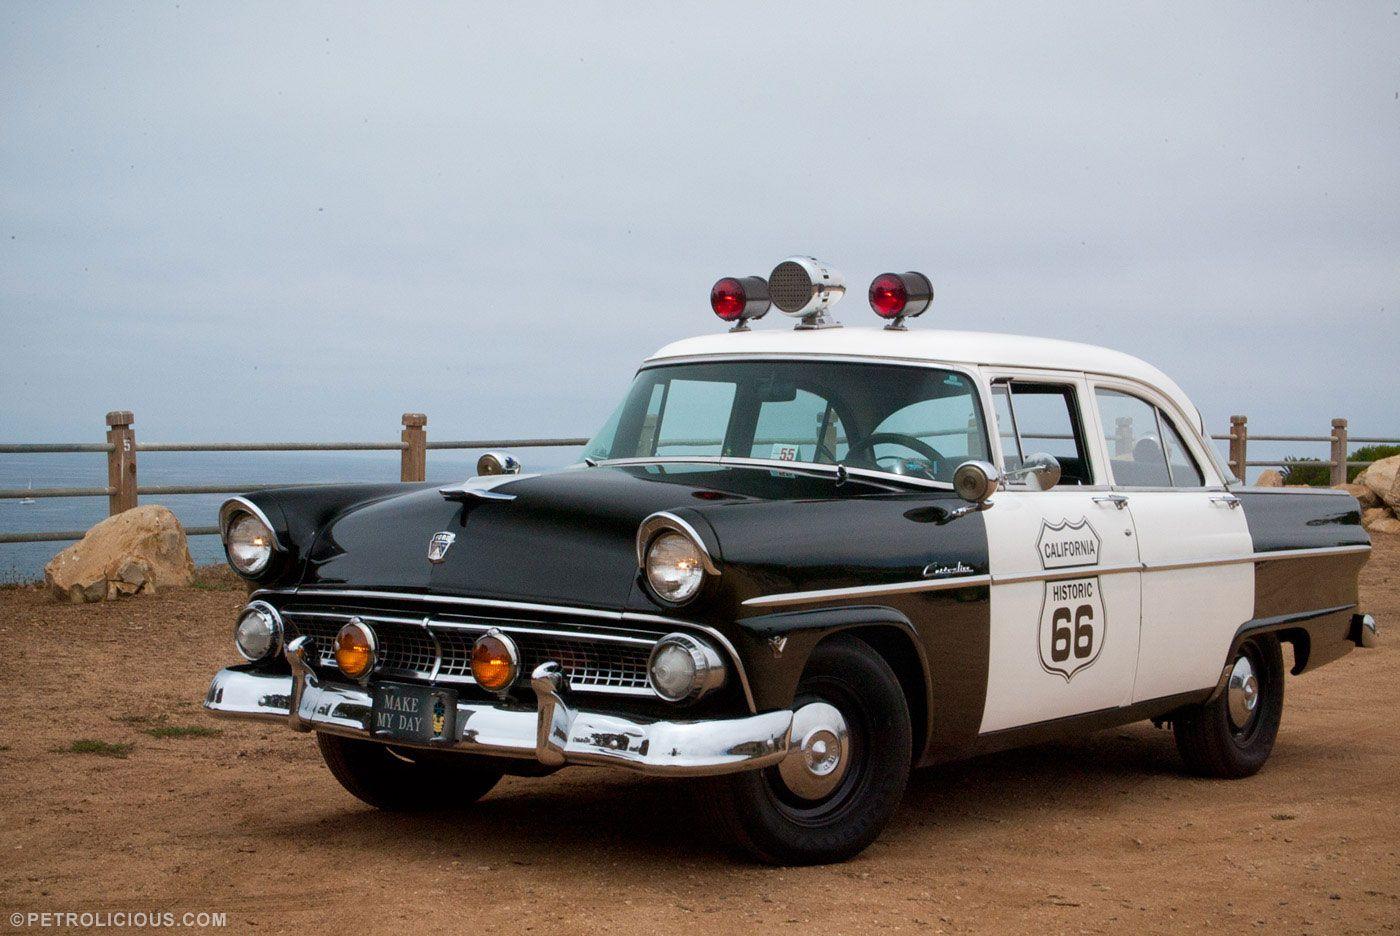 1956 ford customline wagon old car hunt - 1956 Ford Customline Wagon Old Car Hunt 14